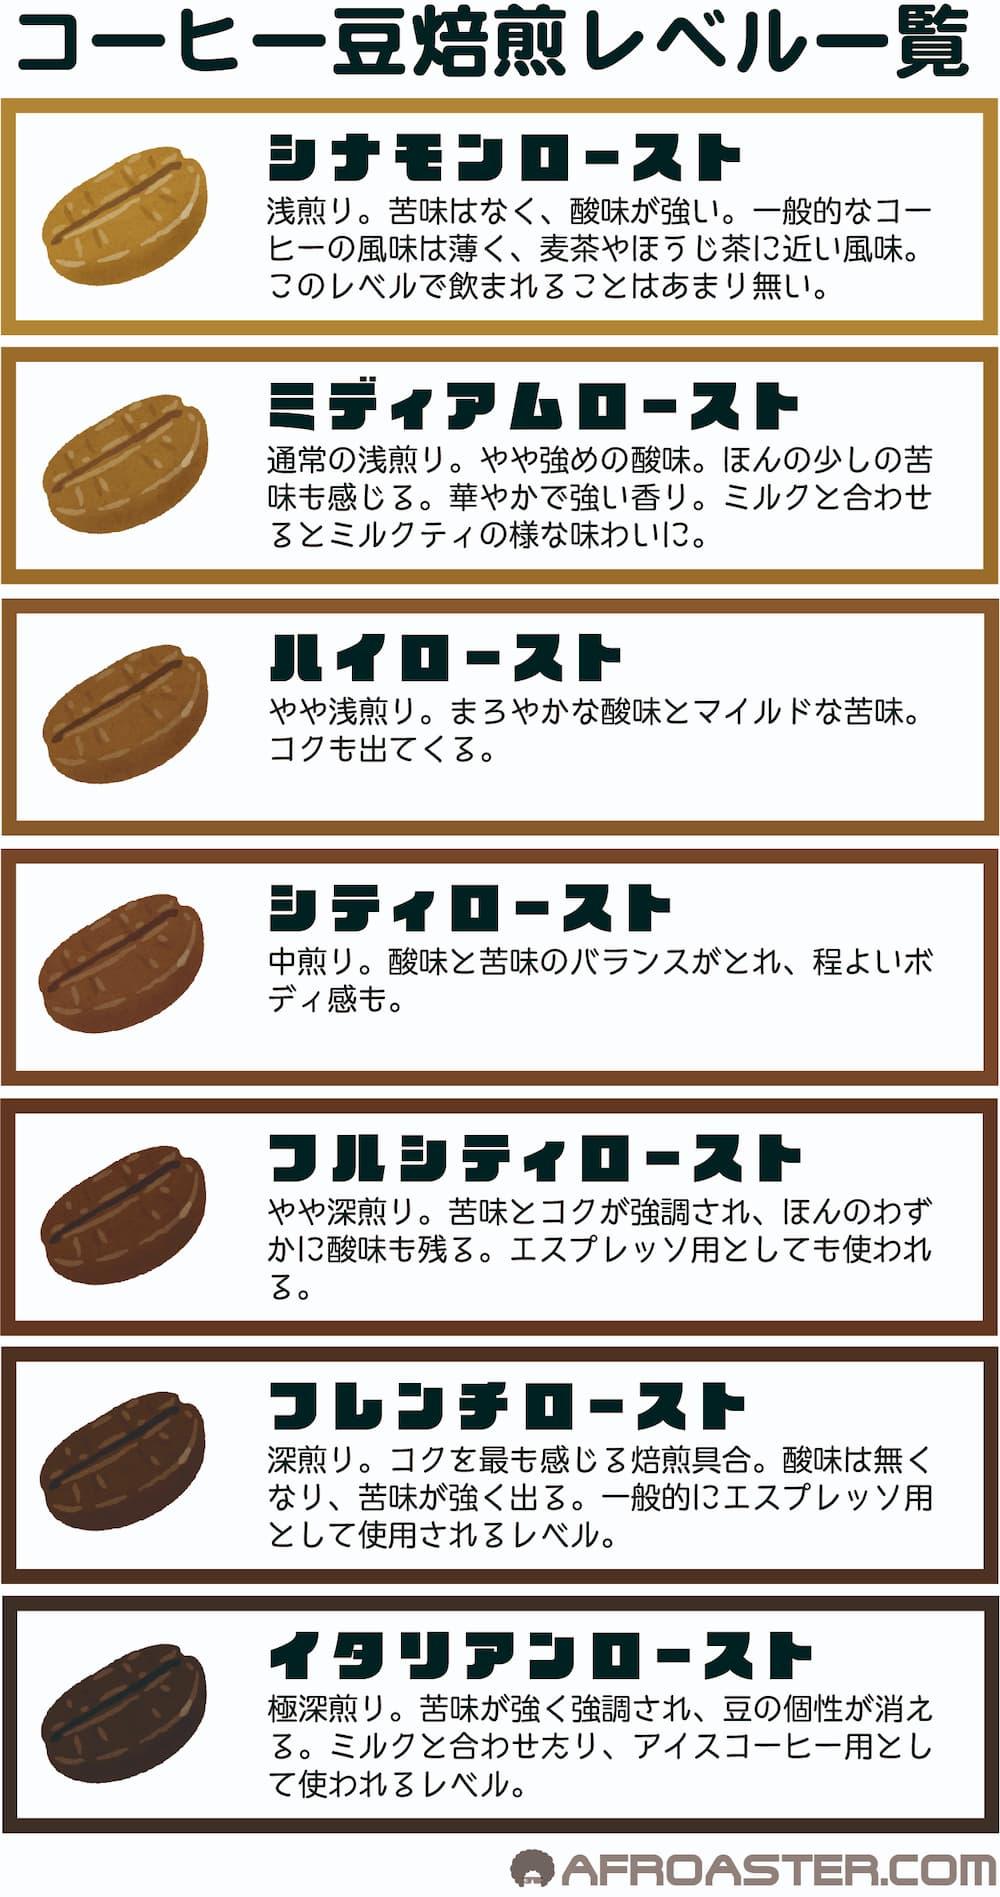 コーヒー7段階の焙煎具合の特徴・焼き分け方 まとめ